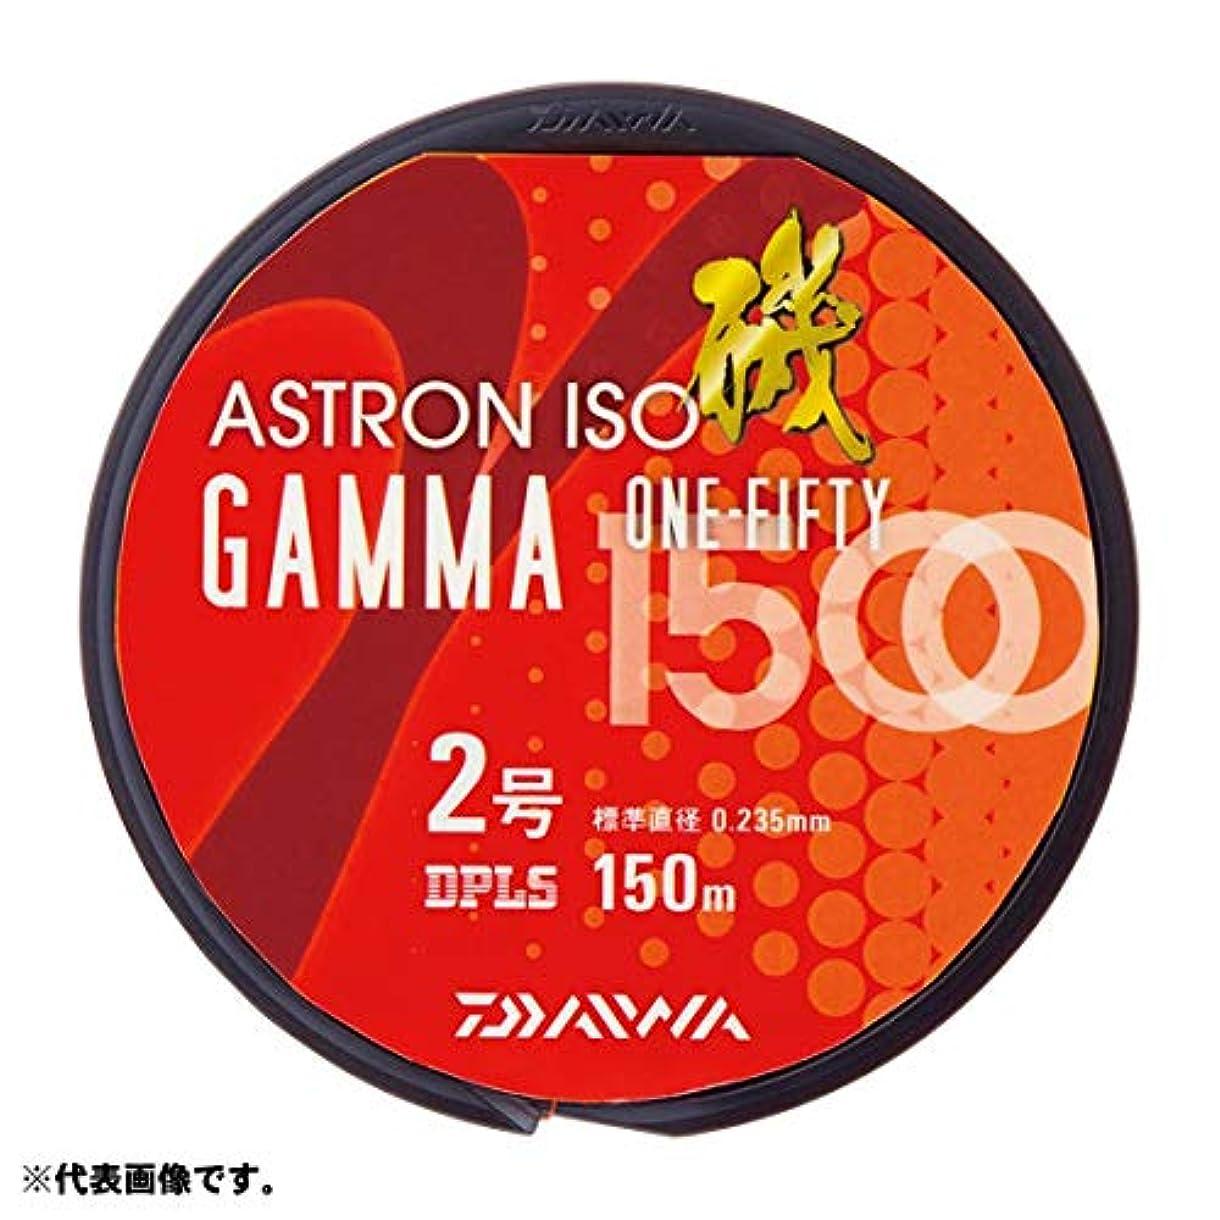 雄弁荒涼としたダイワ(Daiwa) ナイロンライン アストロン磯ガンマ 1500 170m 2.5号 オレンジ